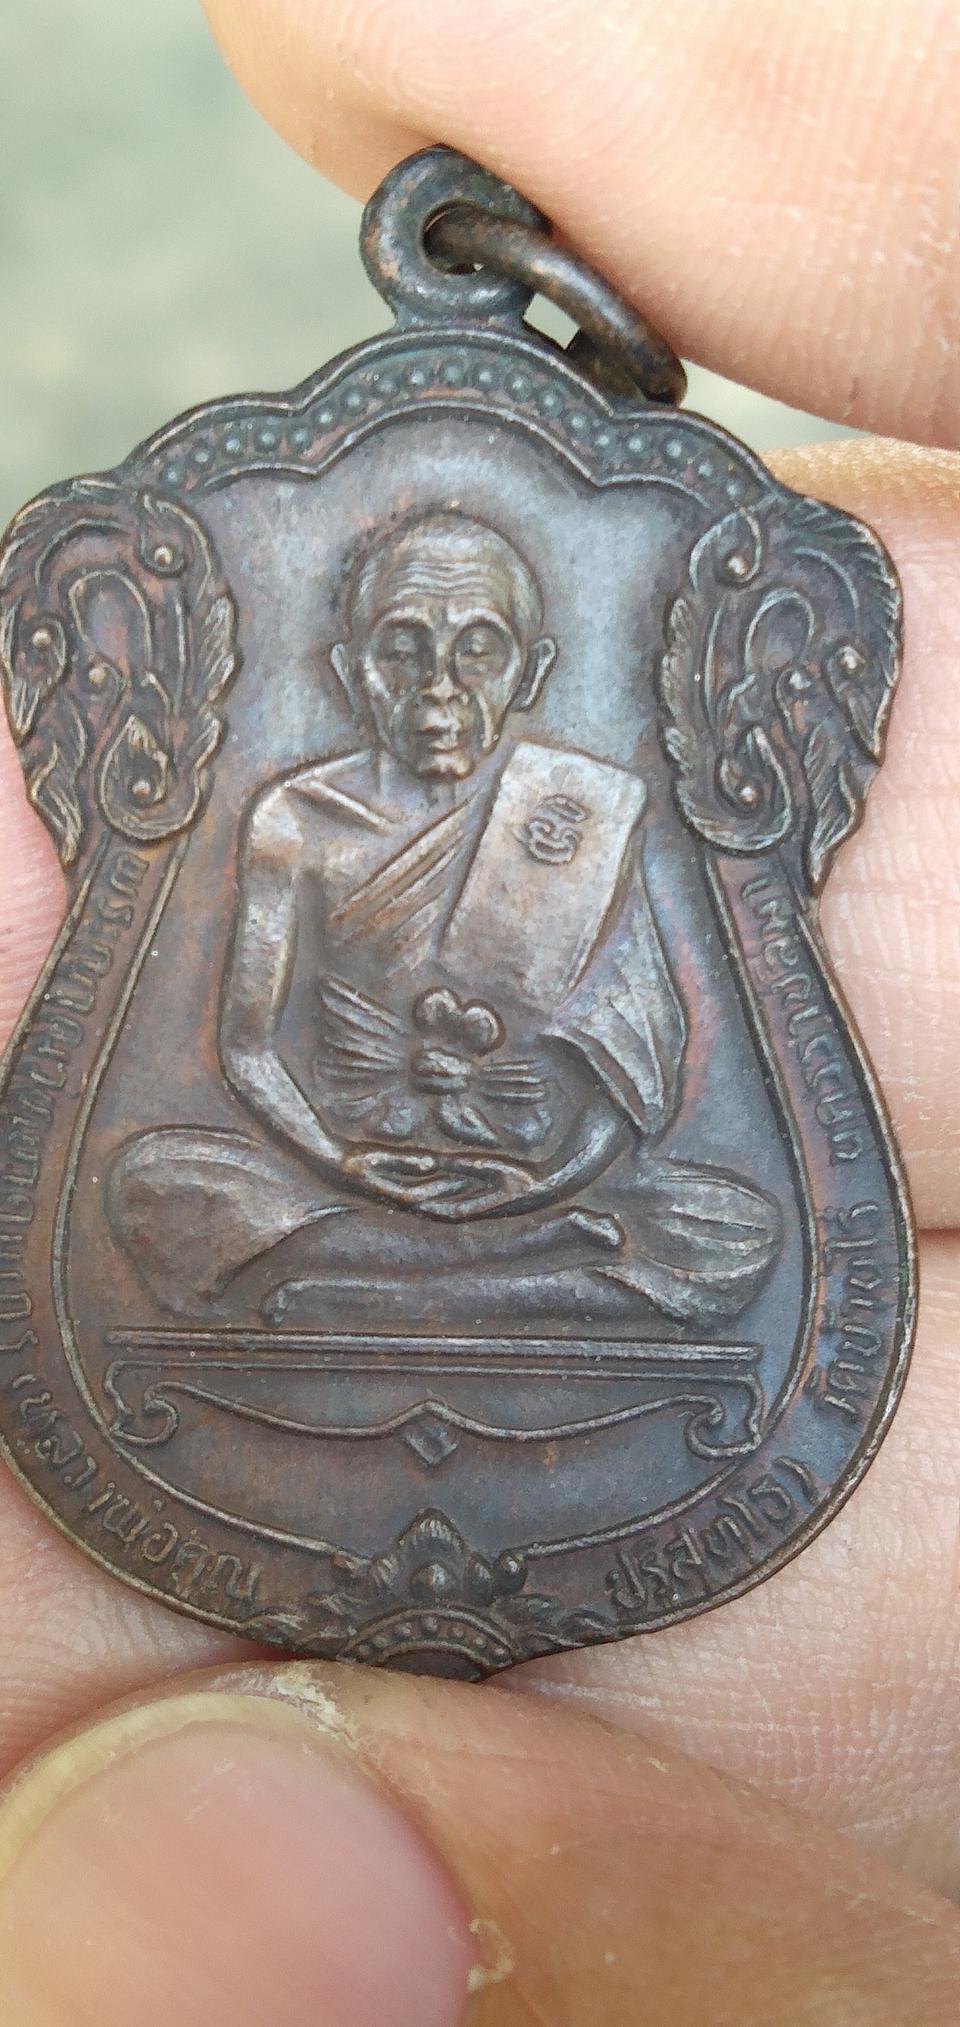 เหรียญเลื่อนสมณศักดิ์หลวงพ่อคูณปี35บล้อคอมหมากหลังกลาก รูปที่ 1